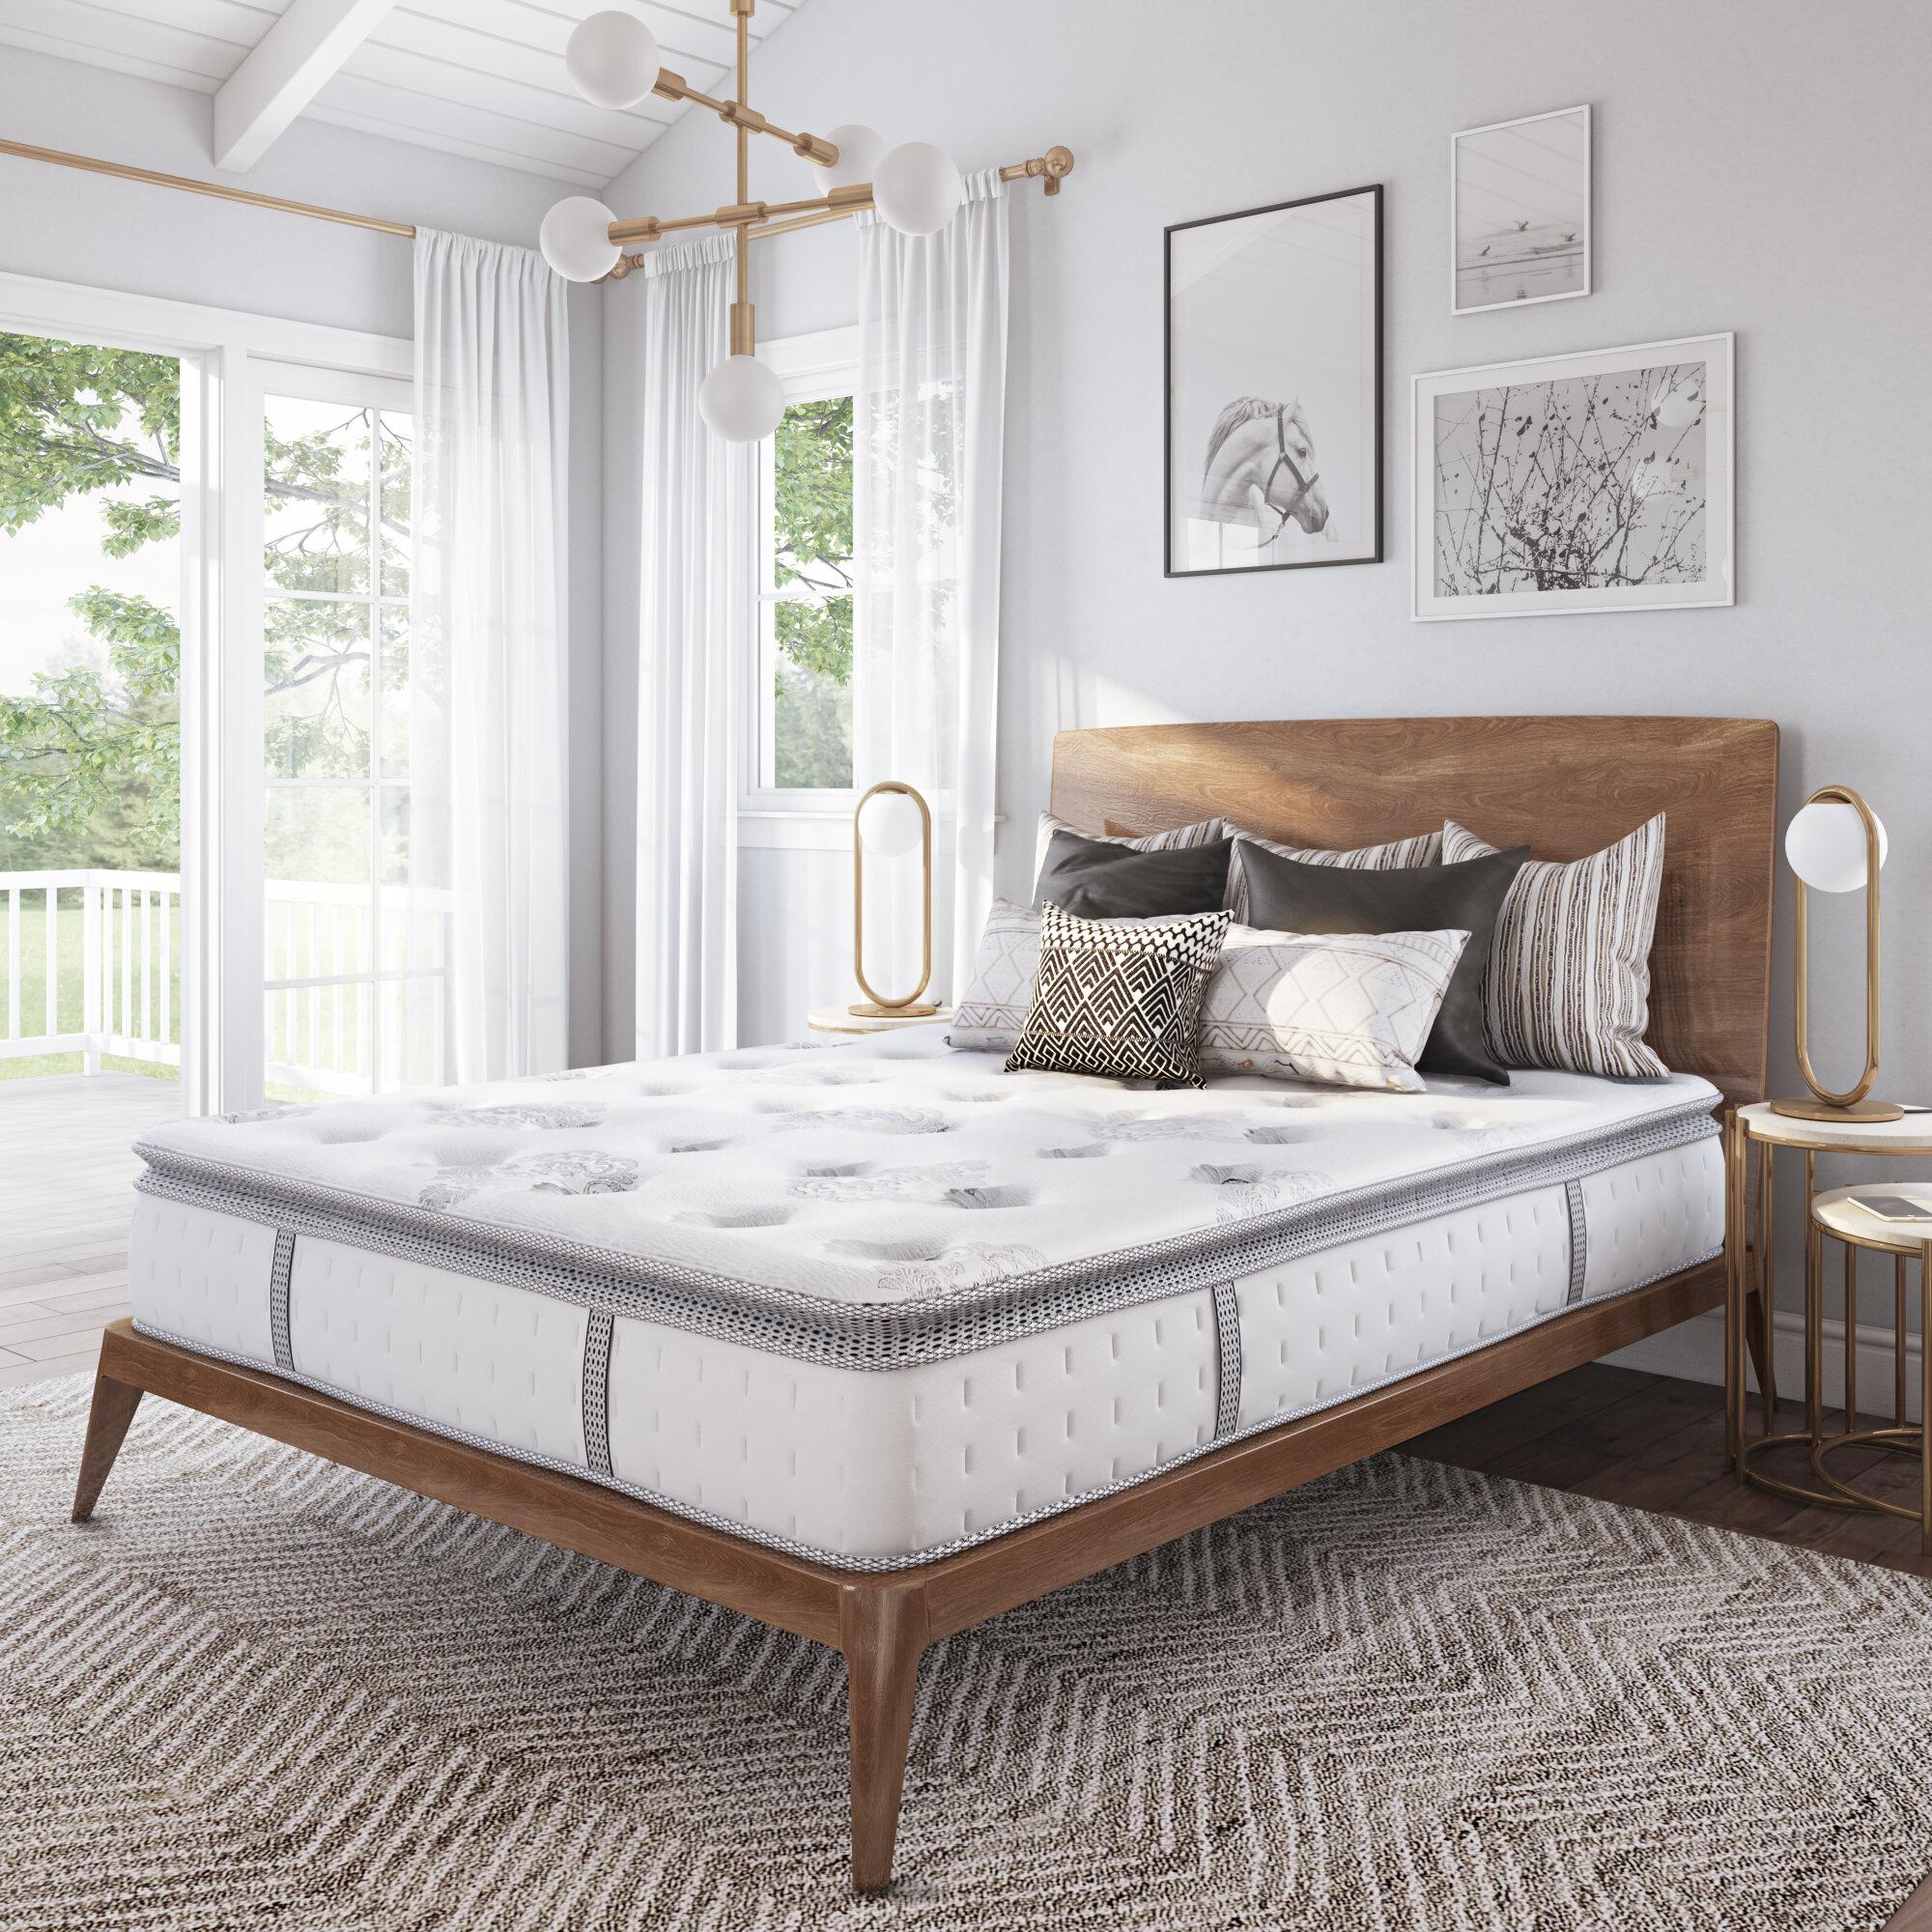 Wayfair Sleep 12 Medium Pillow Top Hybrid Mattress Reviews Wayfair